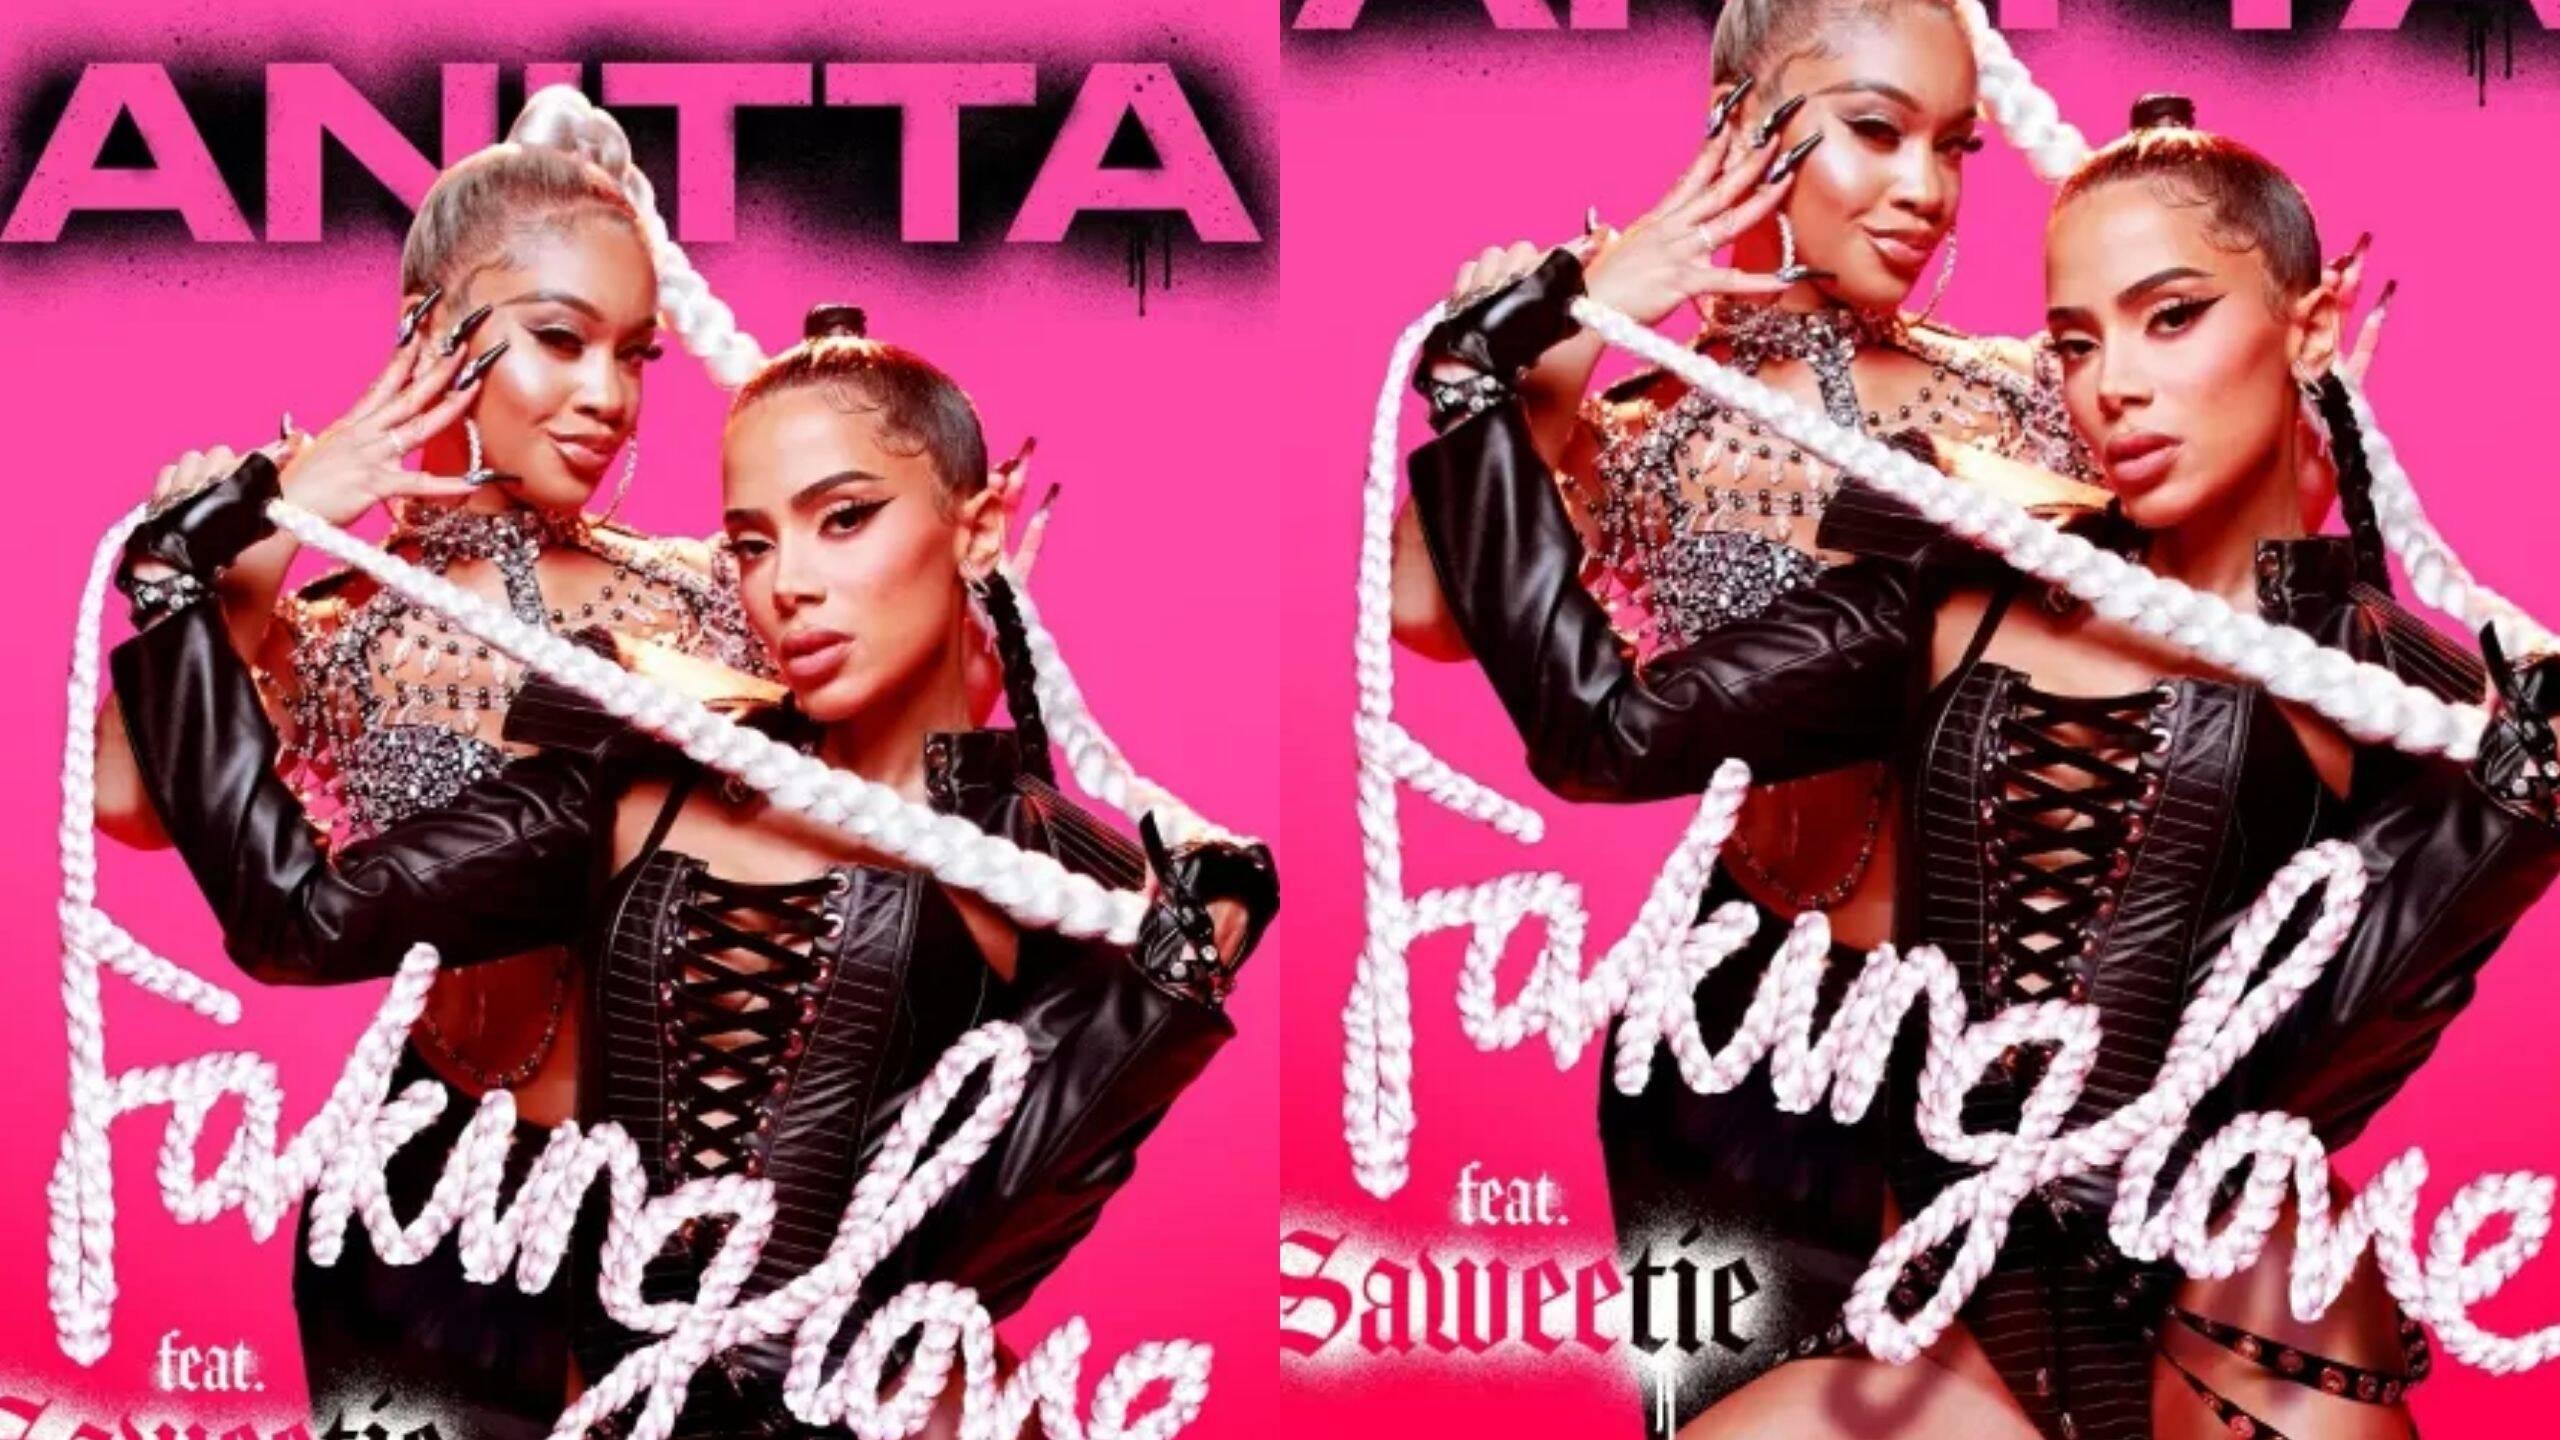 Anitta e Saweetie unem forças em novo single que chega às plataformas digitais nesta quinta-feira. (Foto: Divulgação)